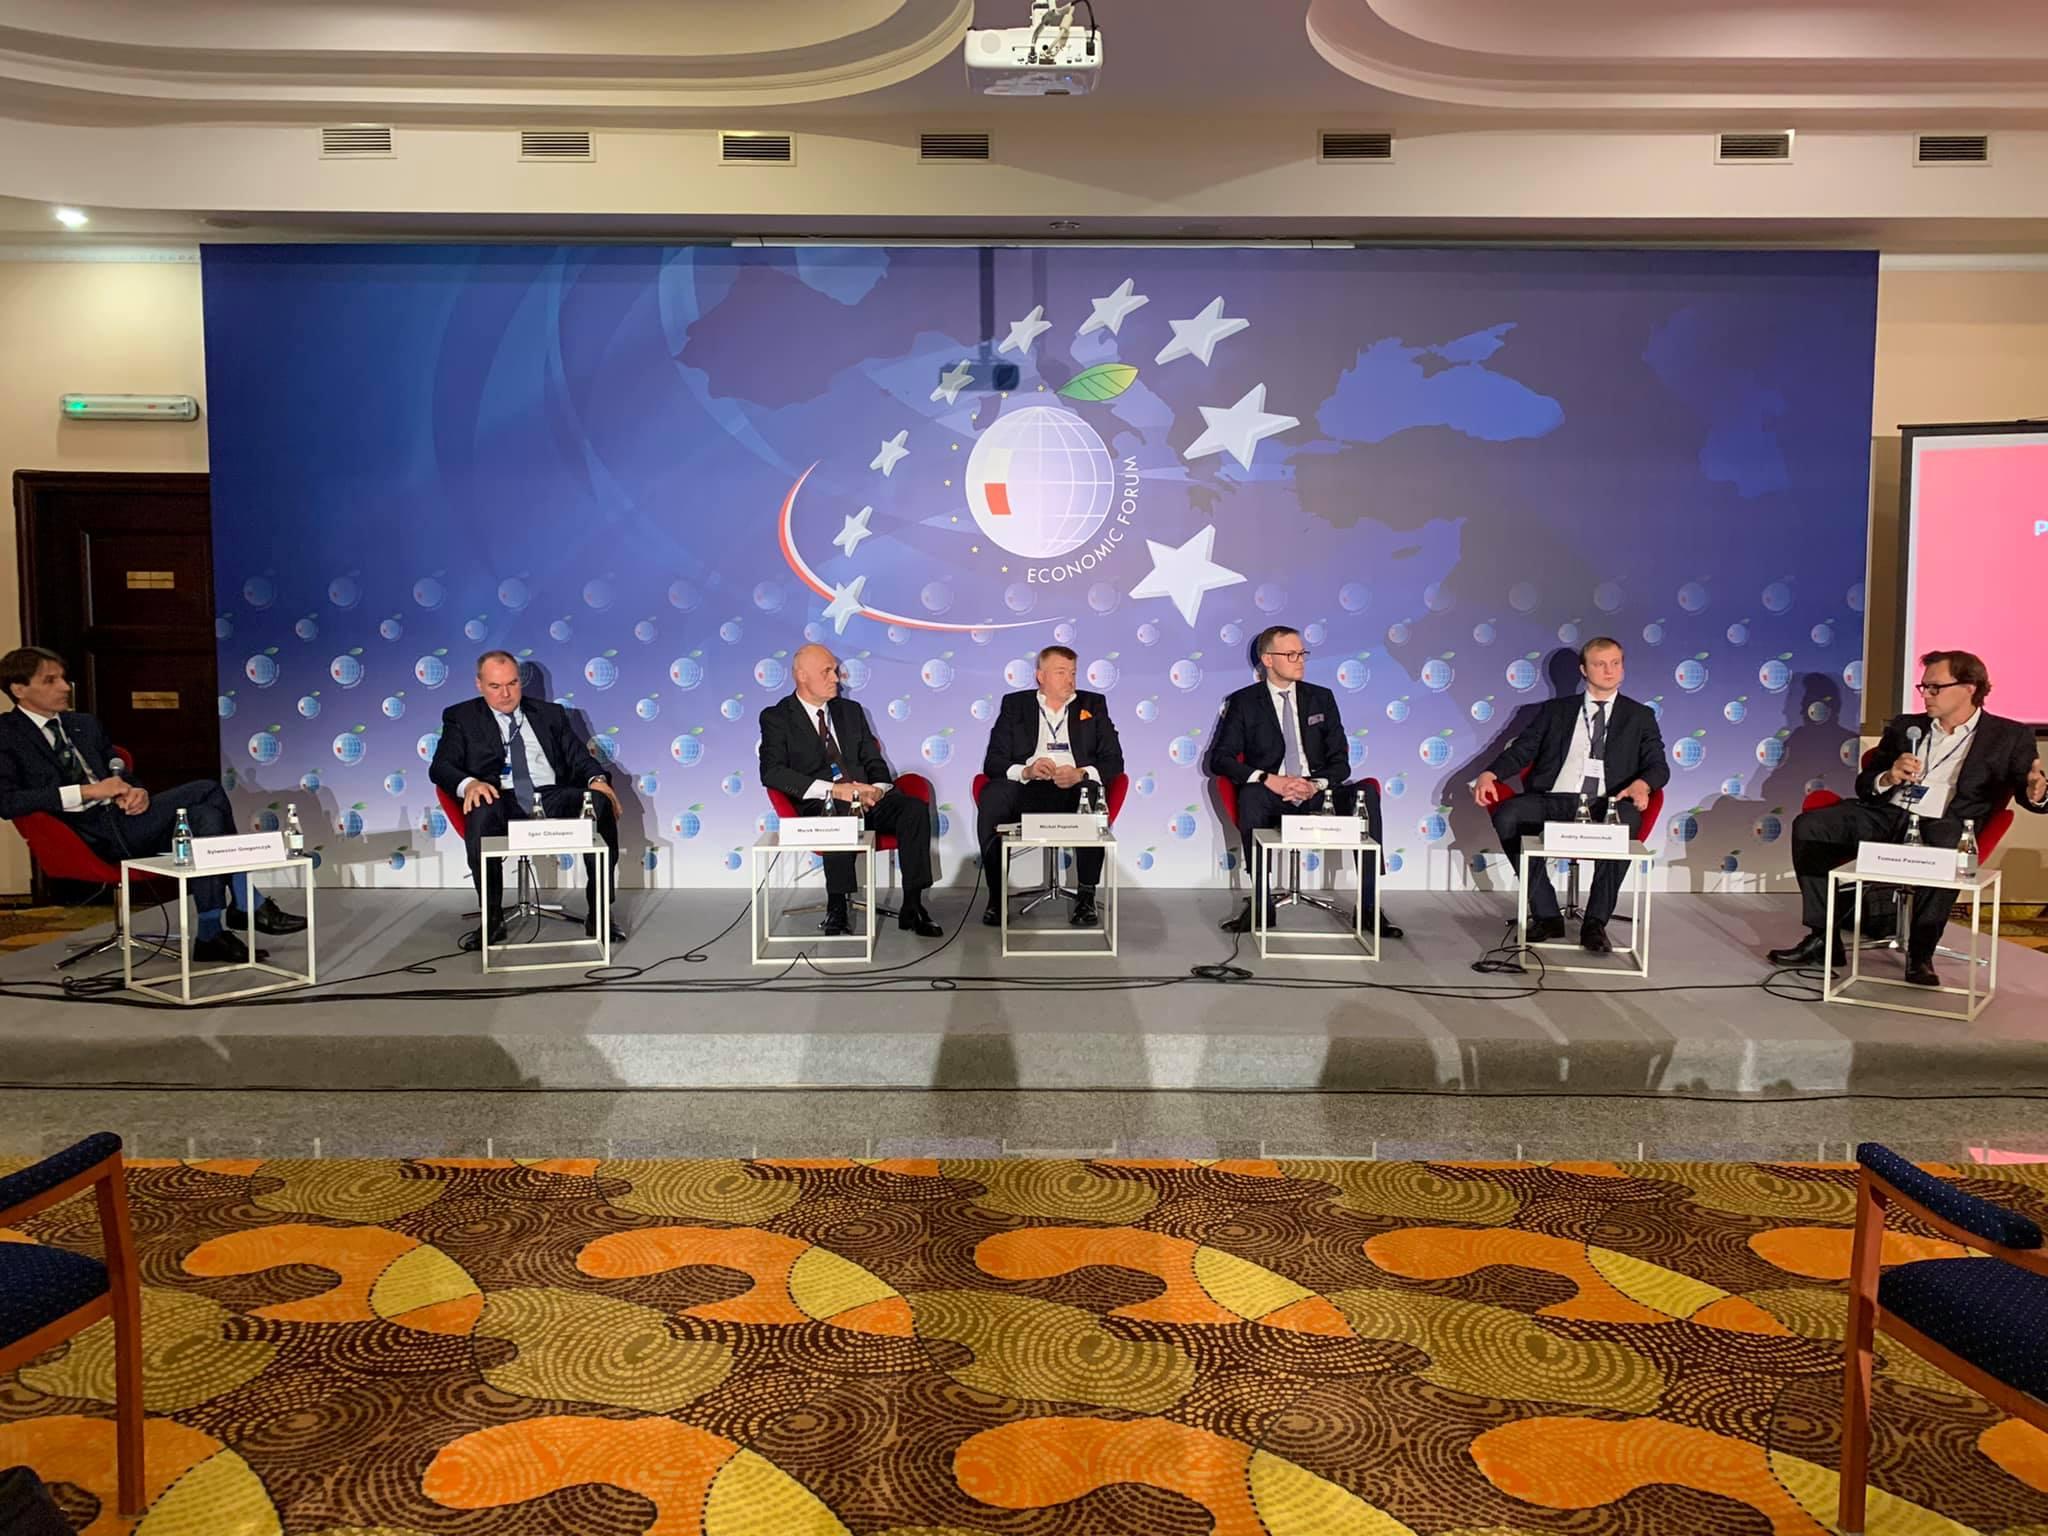 Партнери EUCON стали спікерами XXX Міжнародного економічного форуму